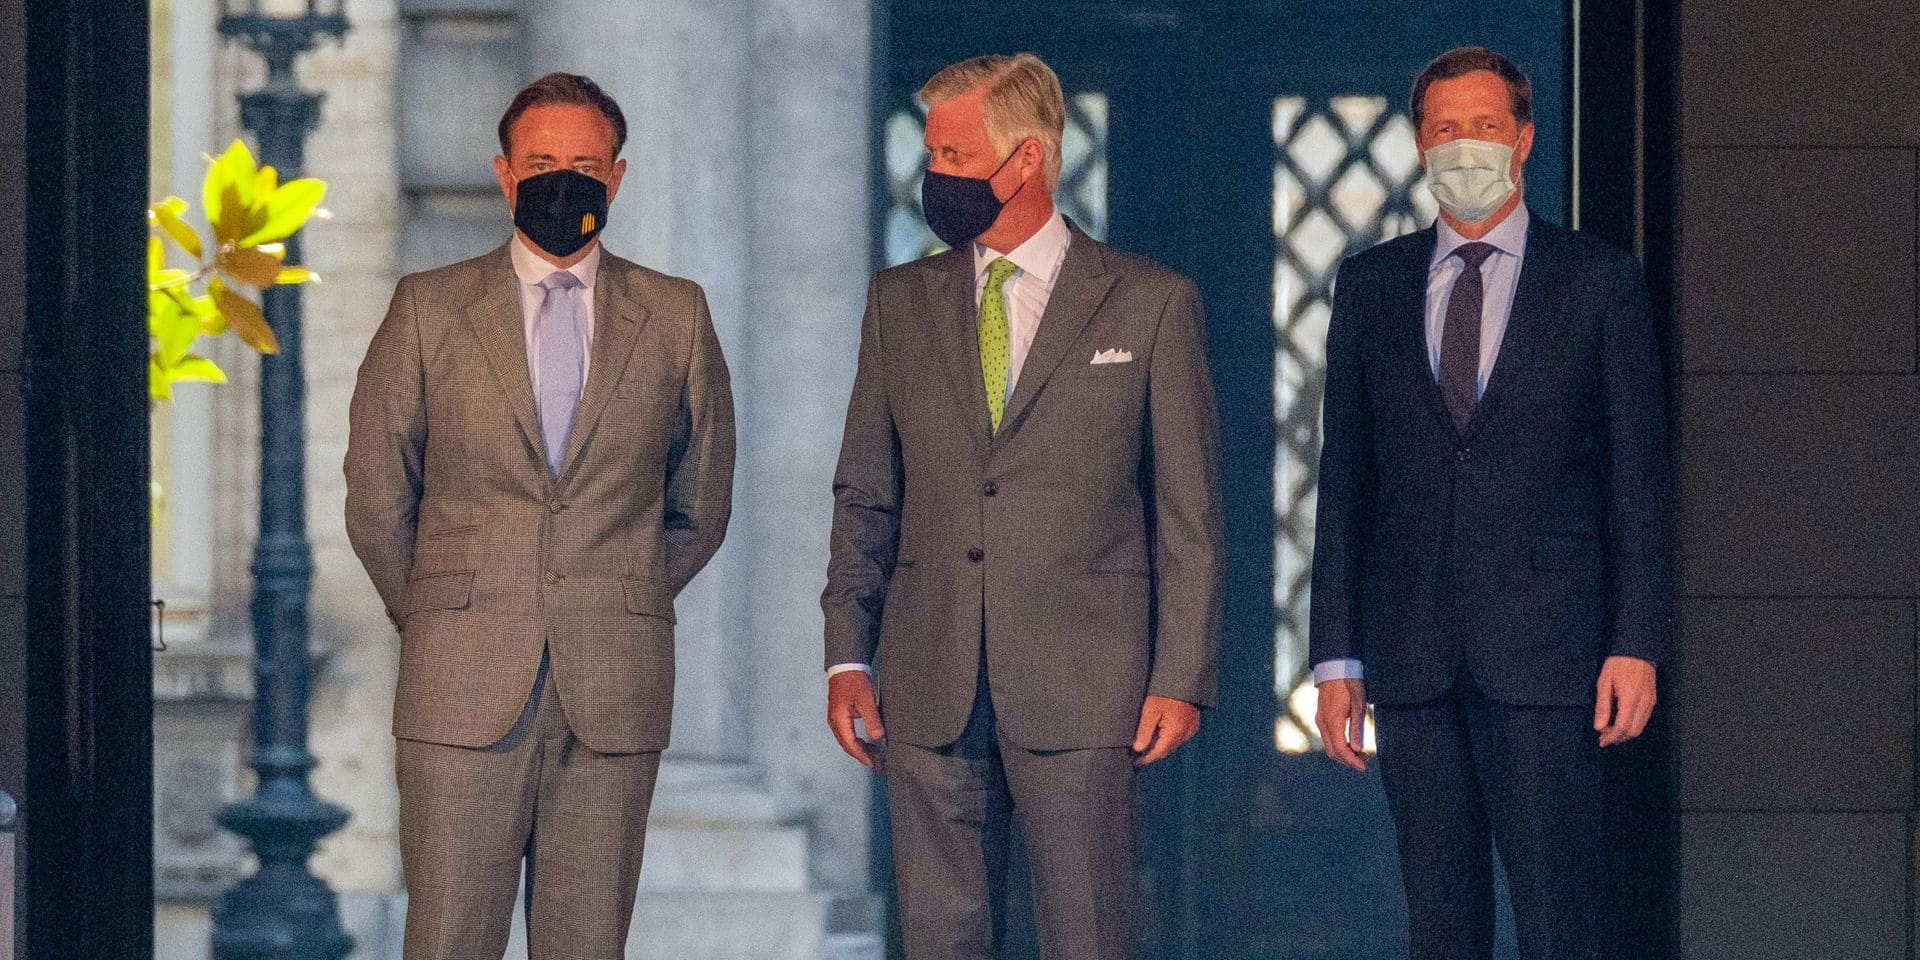 La mission de Paul Magnette et Bart de Wever prolongée, un nouveau rapport attendu le 17 août